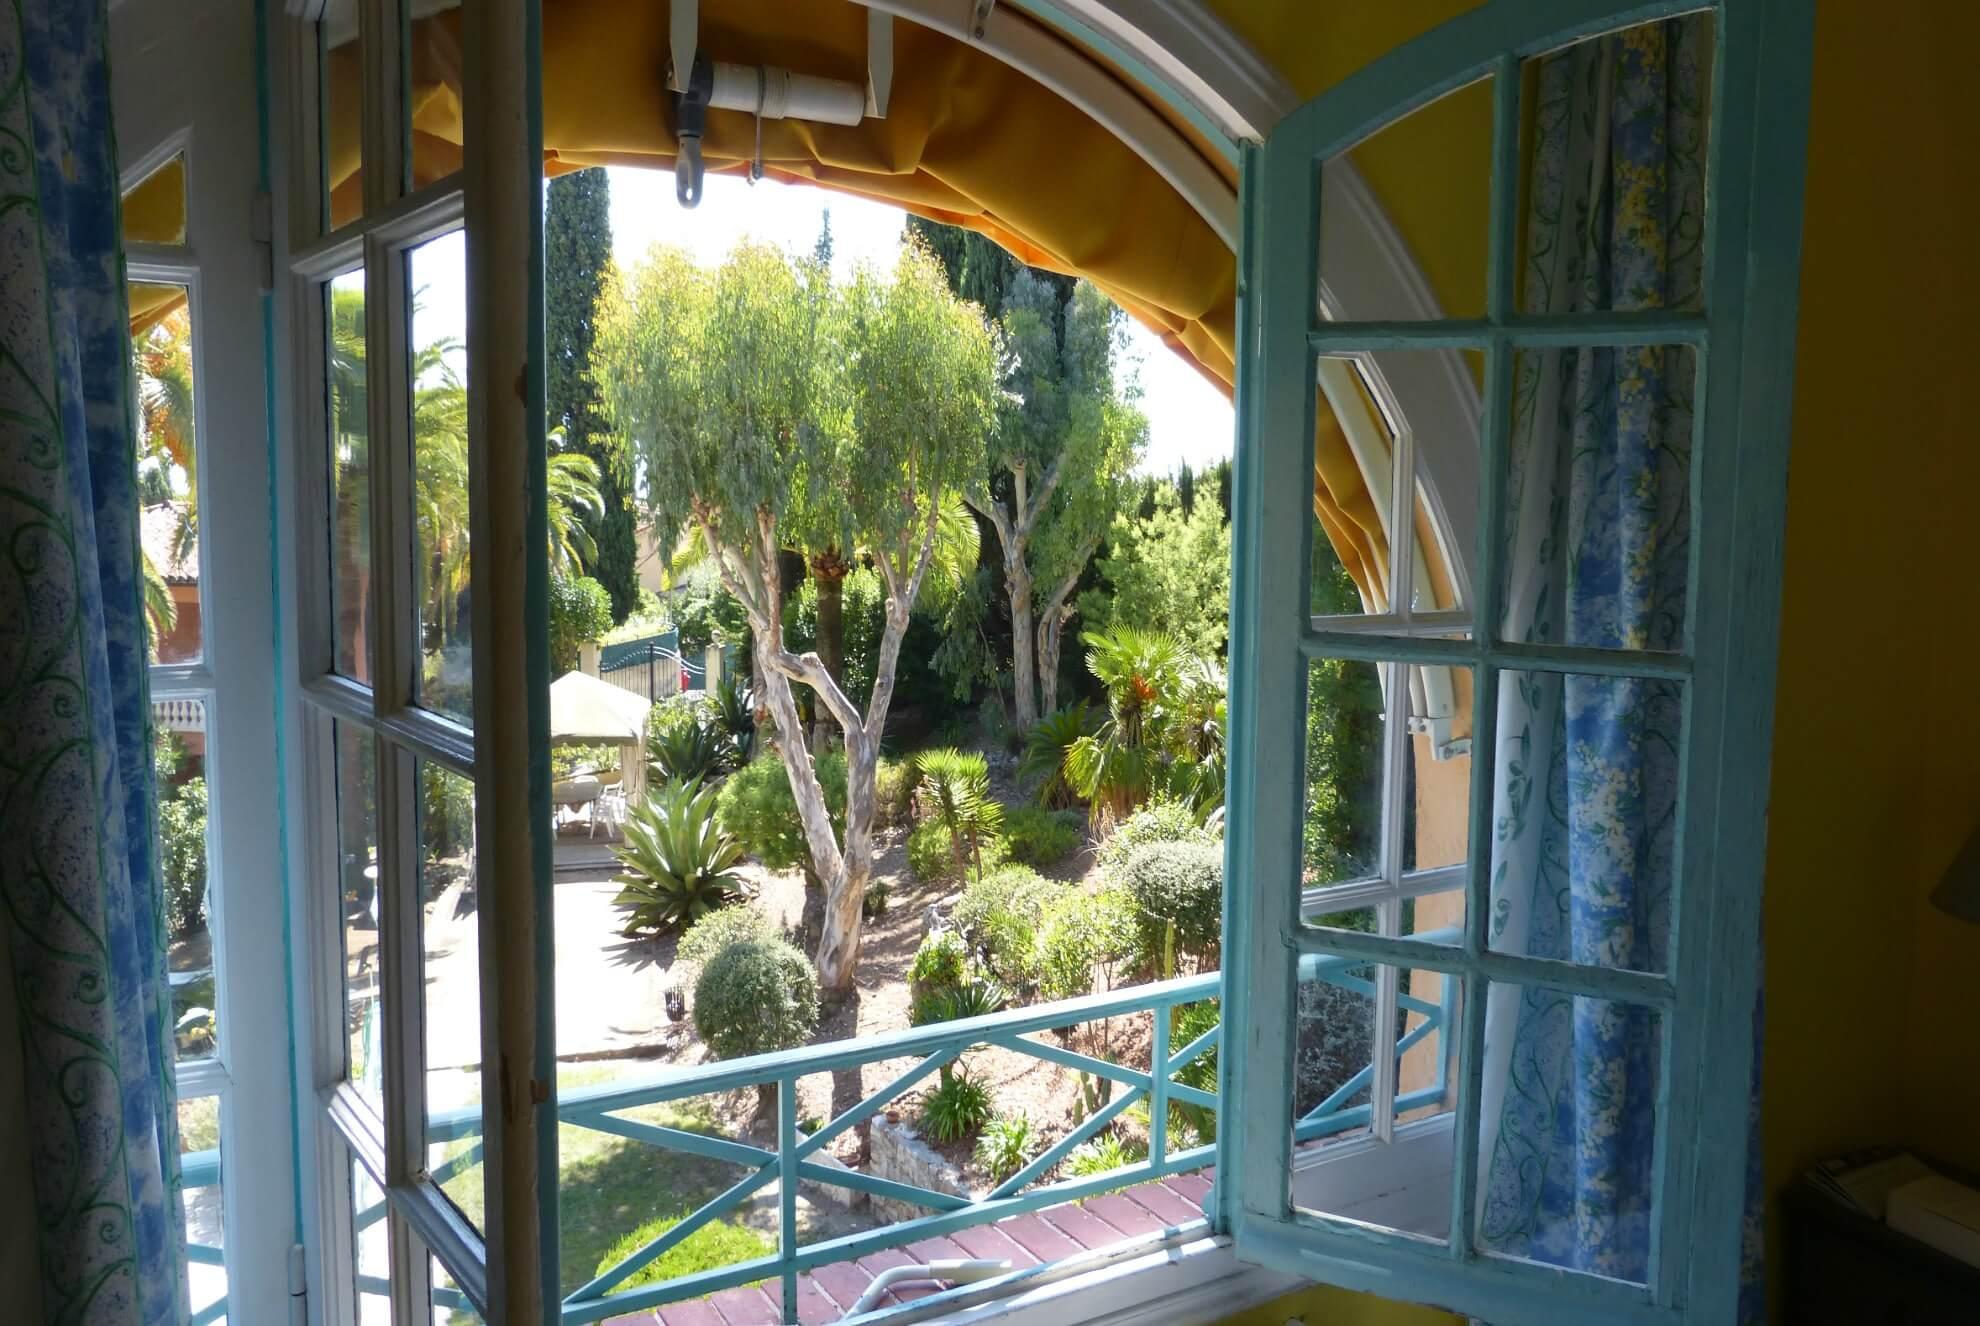 Jardins-Fragonard-Chambre-Fragonard